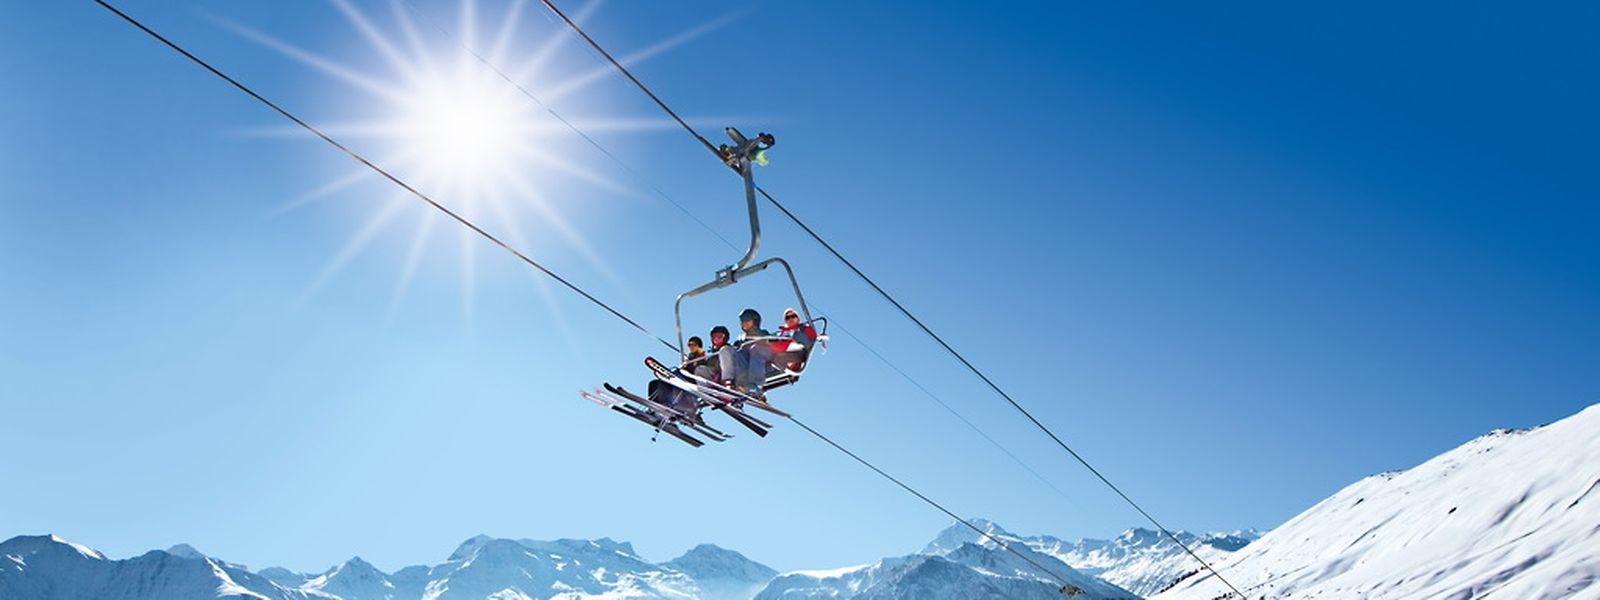 Die Aussichten für Schweiz-Urlauber waren schon mal sonniger.